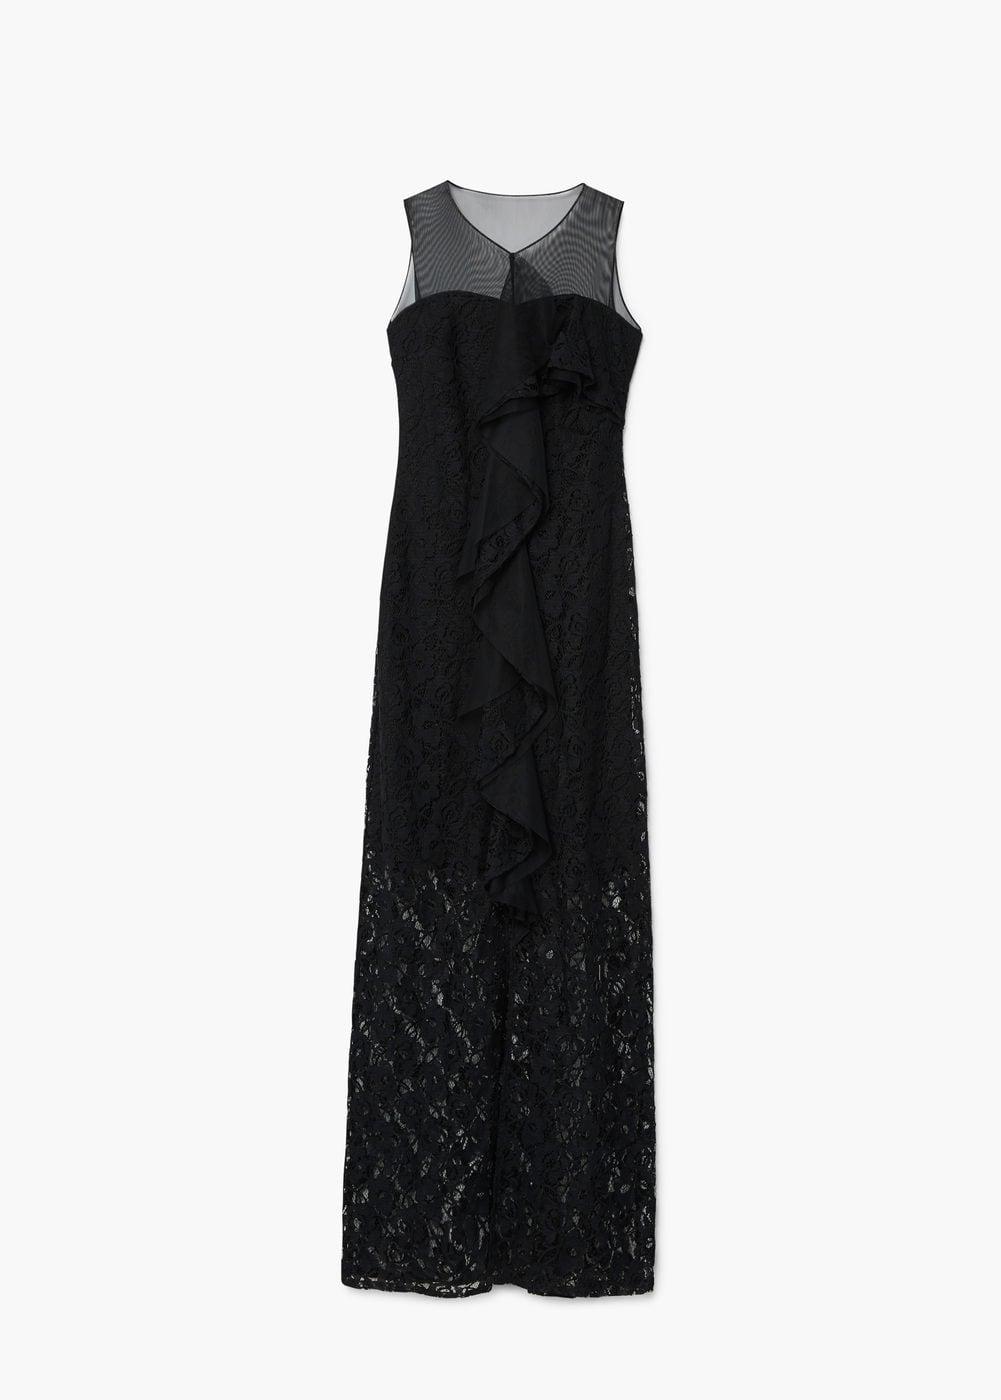 Czarna długa sukienka koronkowa 449,90 zł. Materiały prasowe Mango